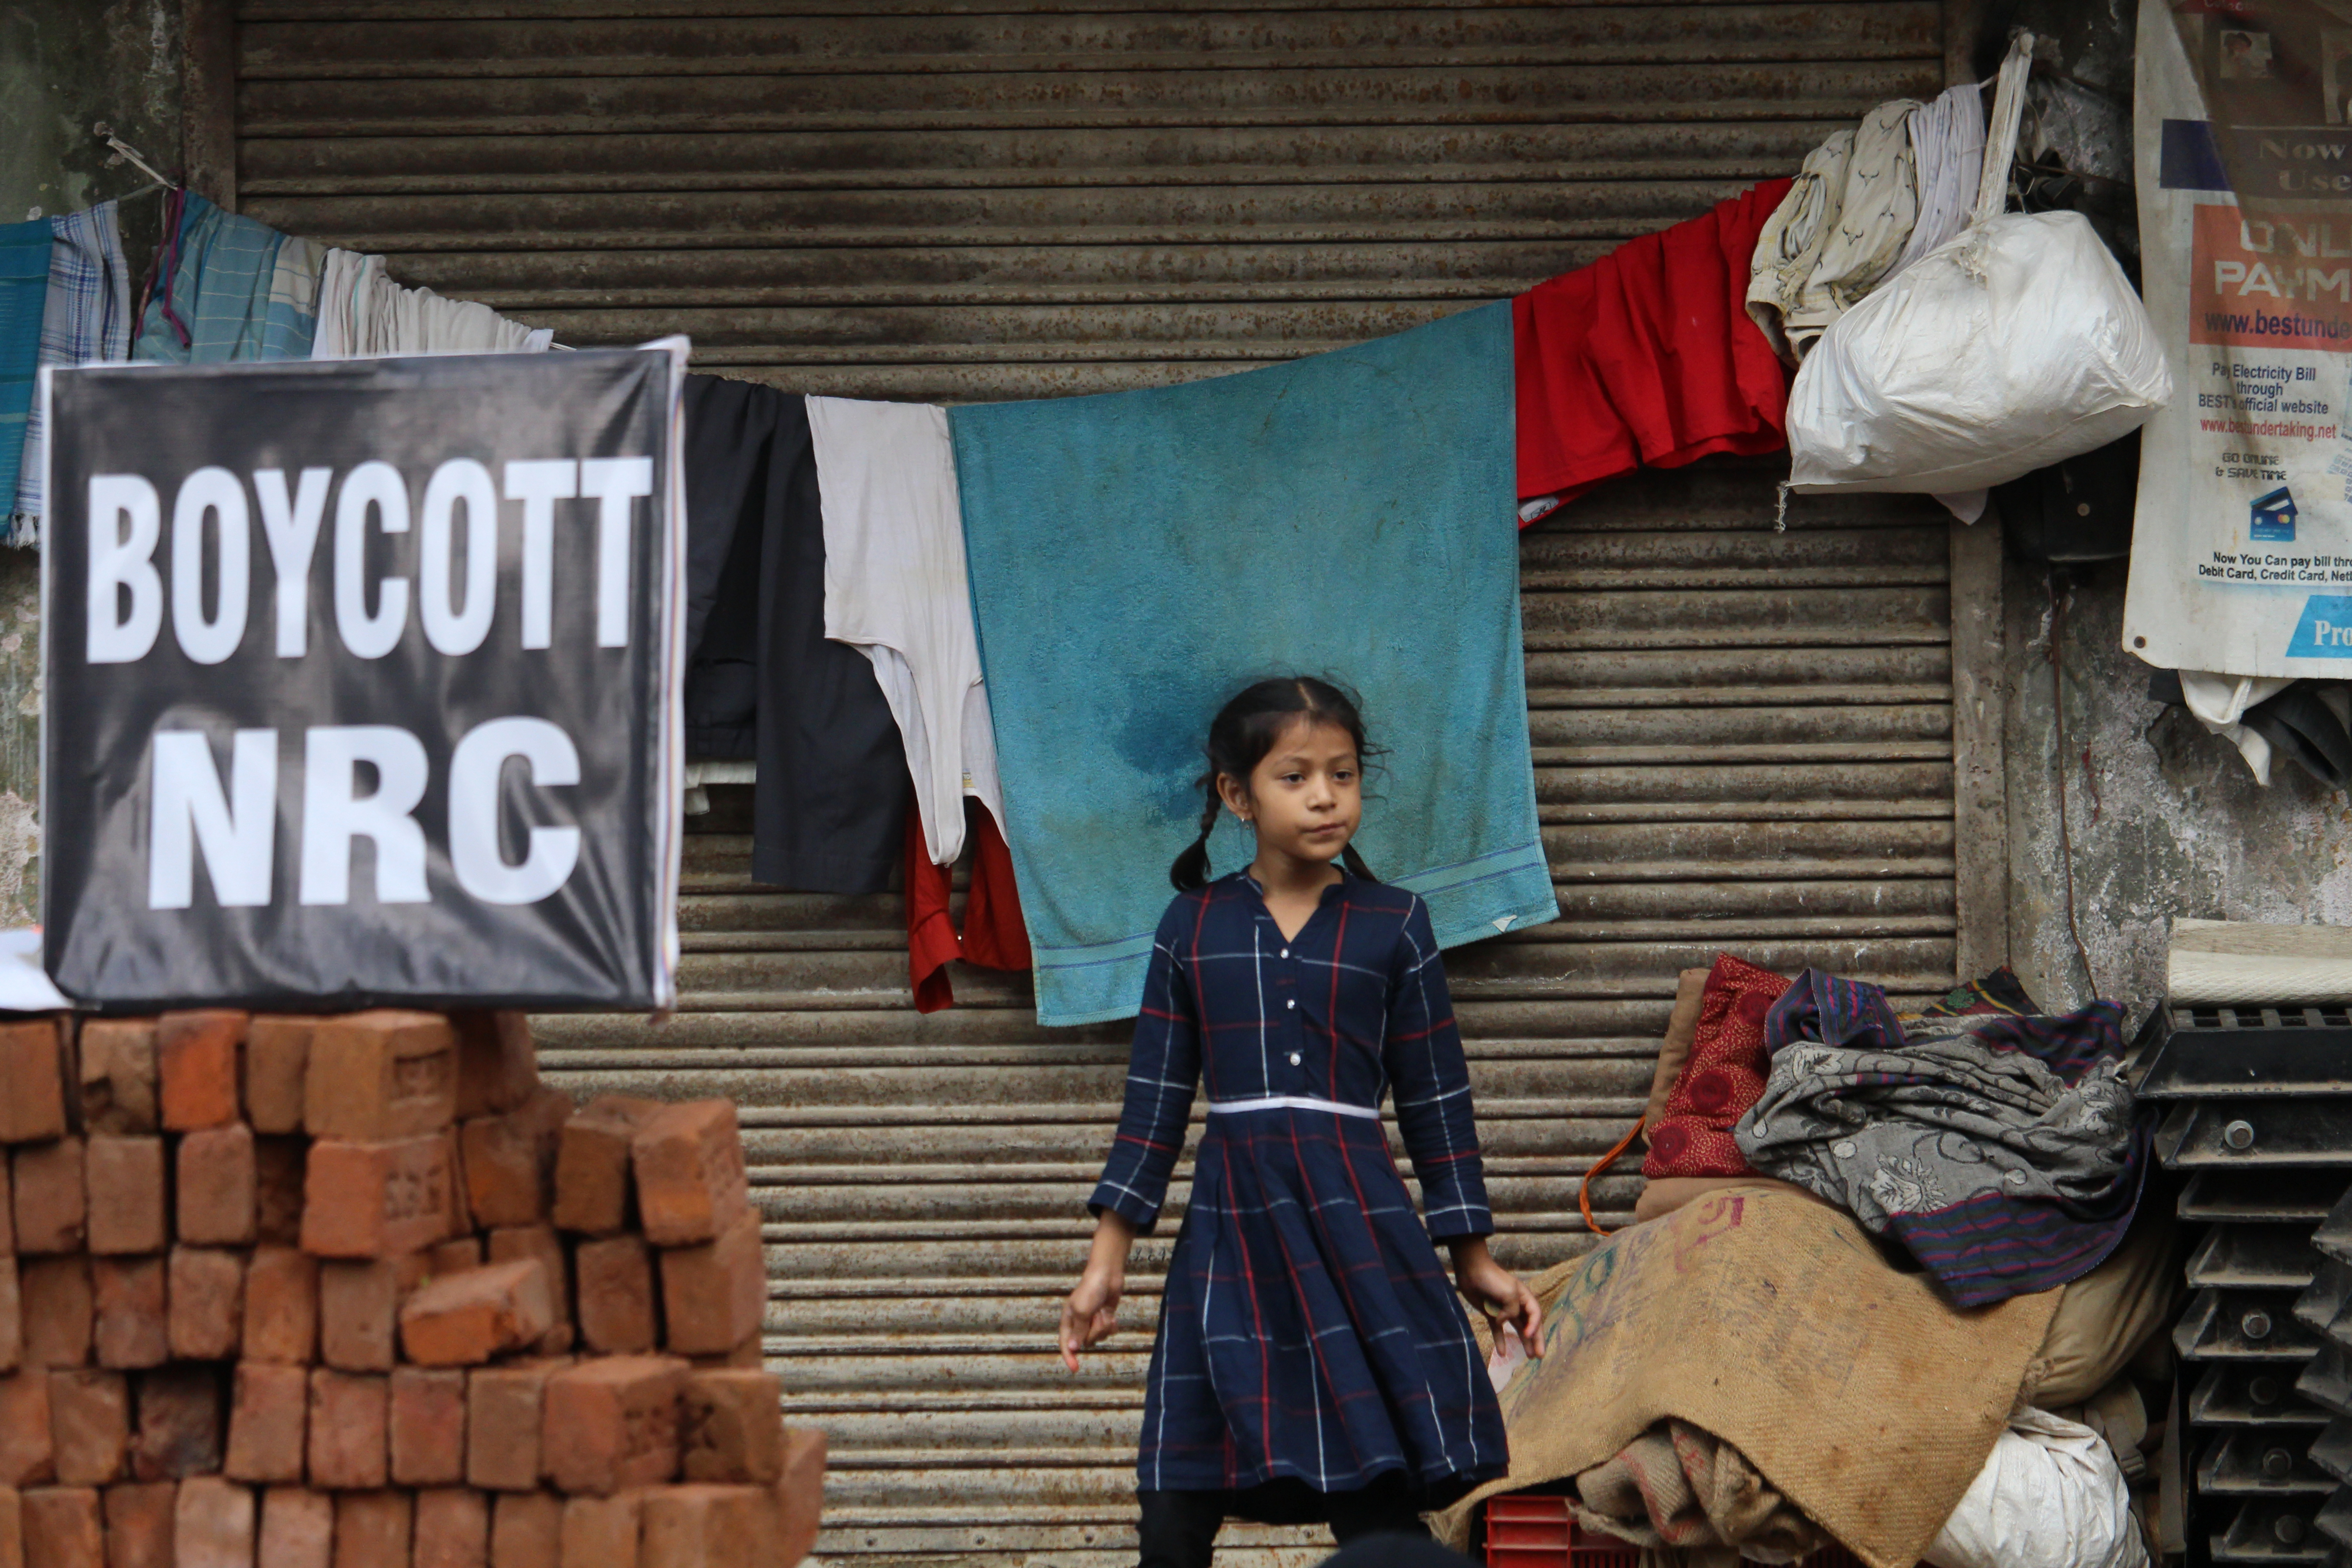 Gyerekeket hallgatnak ki a rendőrök Indiában, mert egy színdarabban állítólag kritizálták a miniszterelnököt